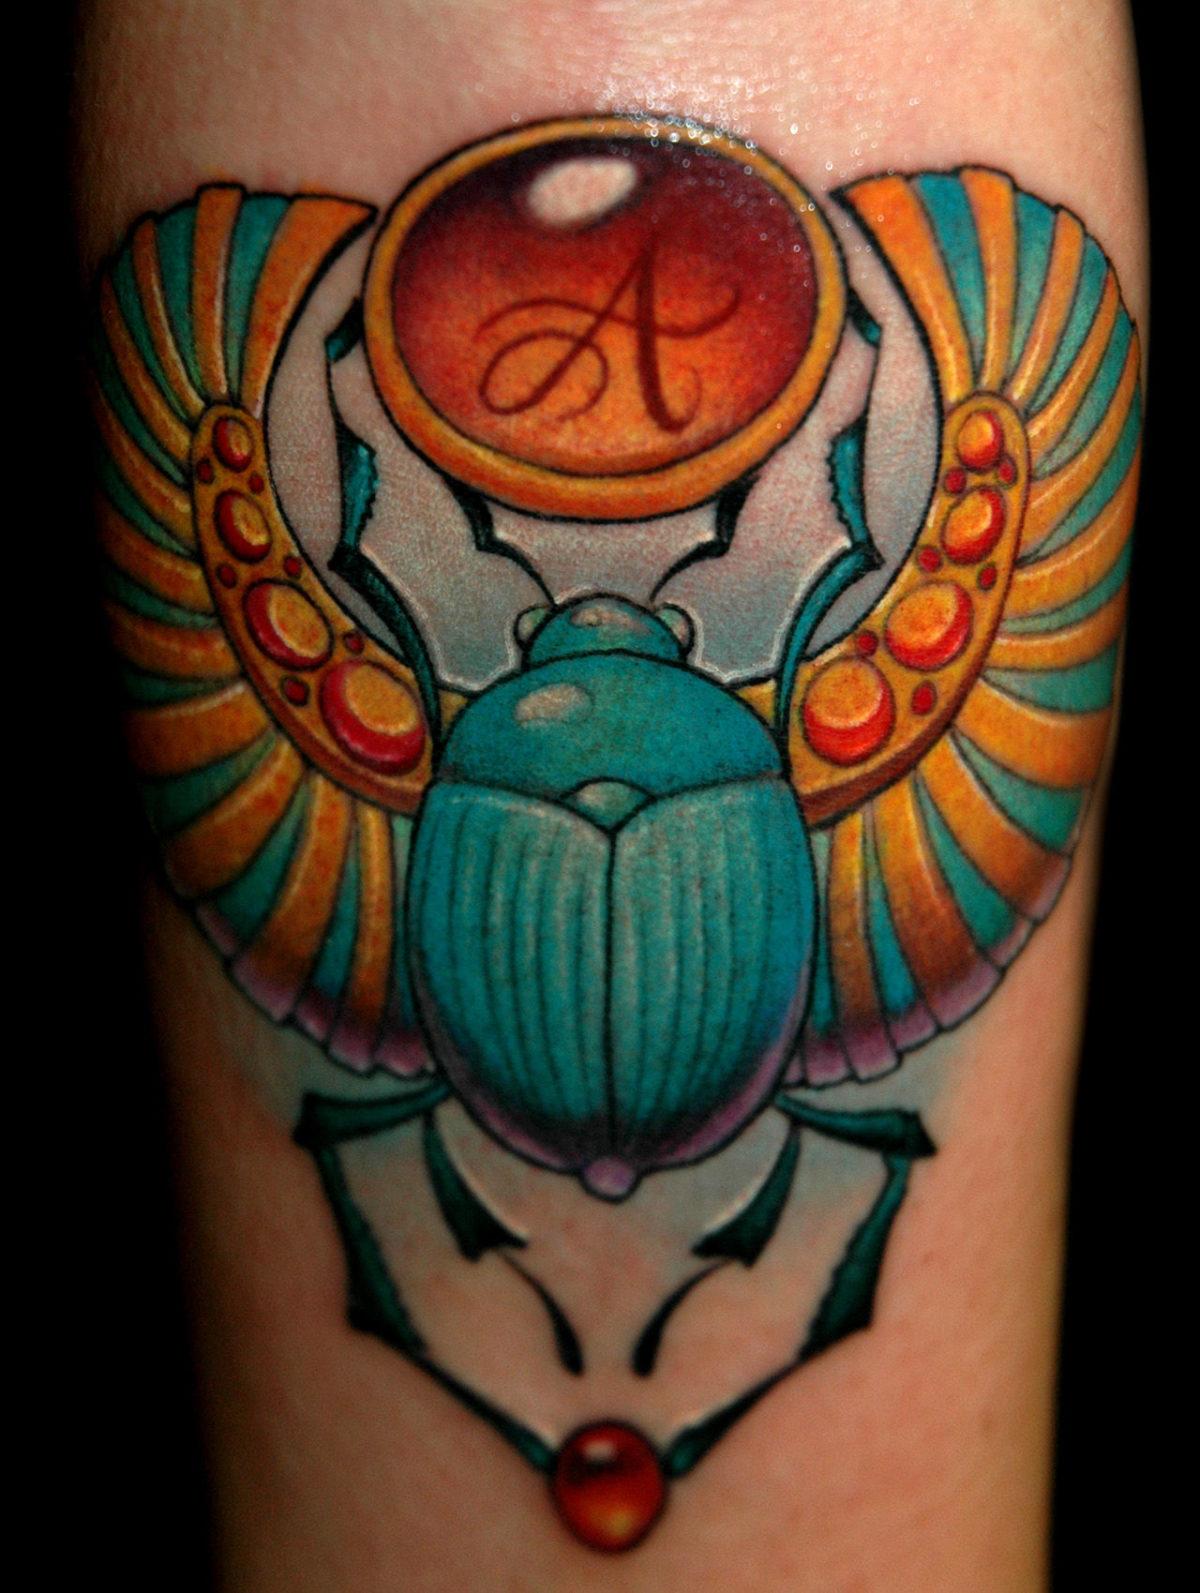 62 Ideas de Tatuajes de Escarabajos (+Significados) 38